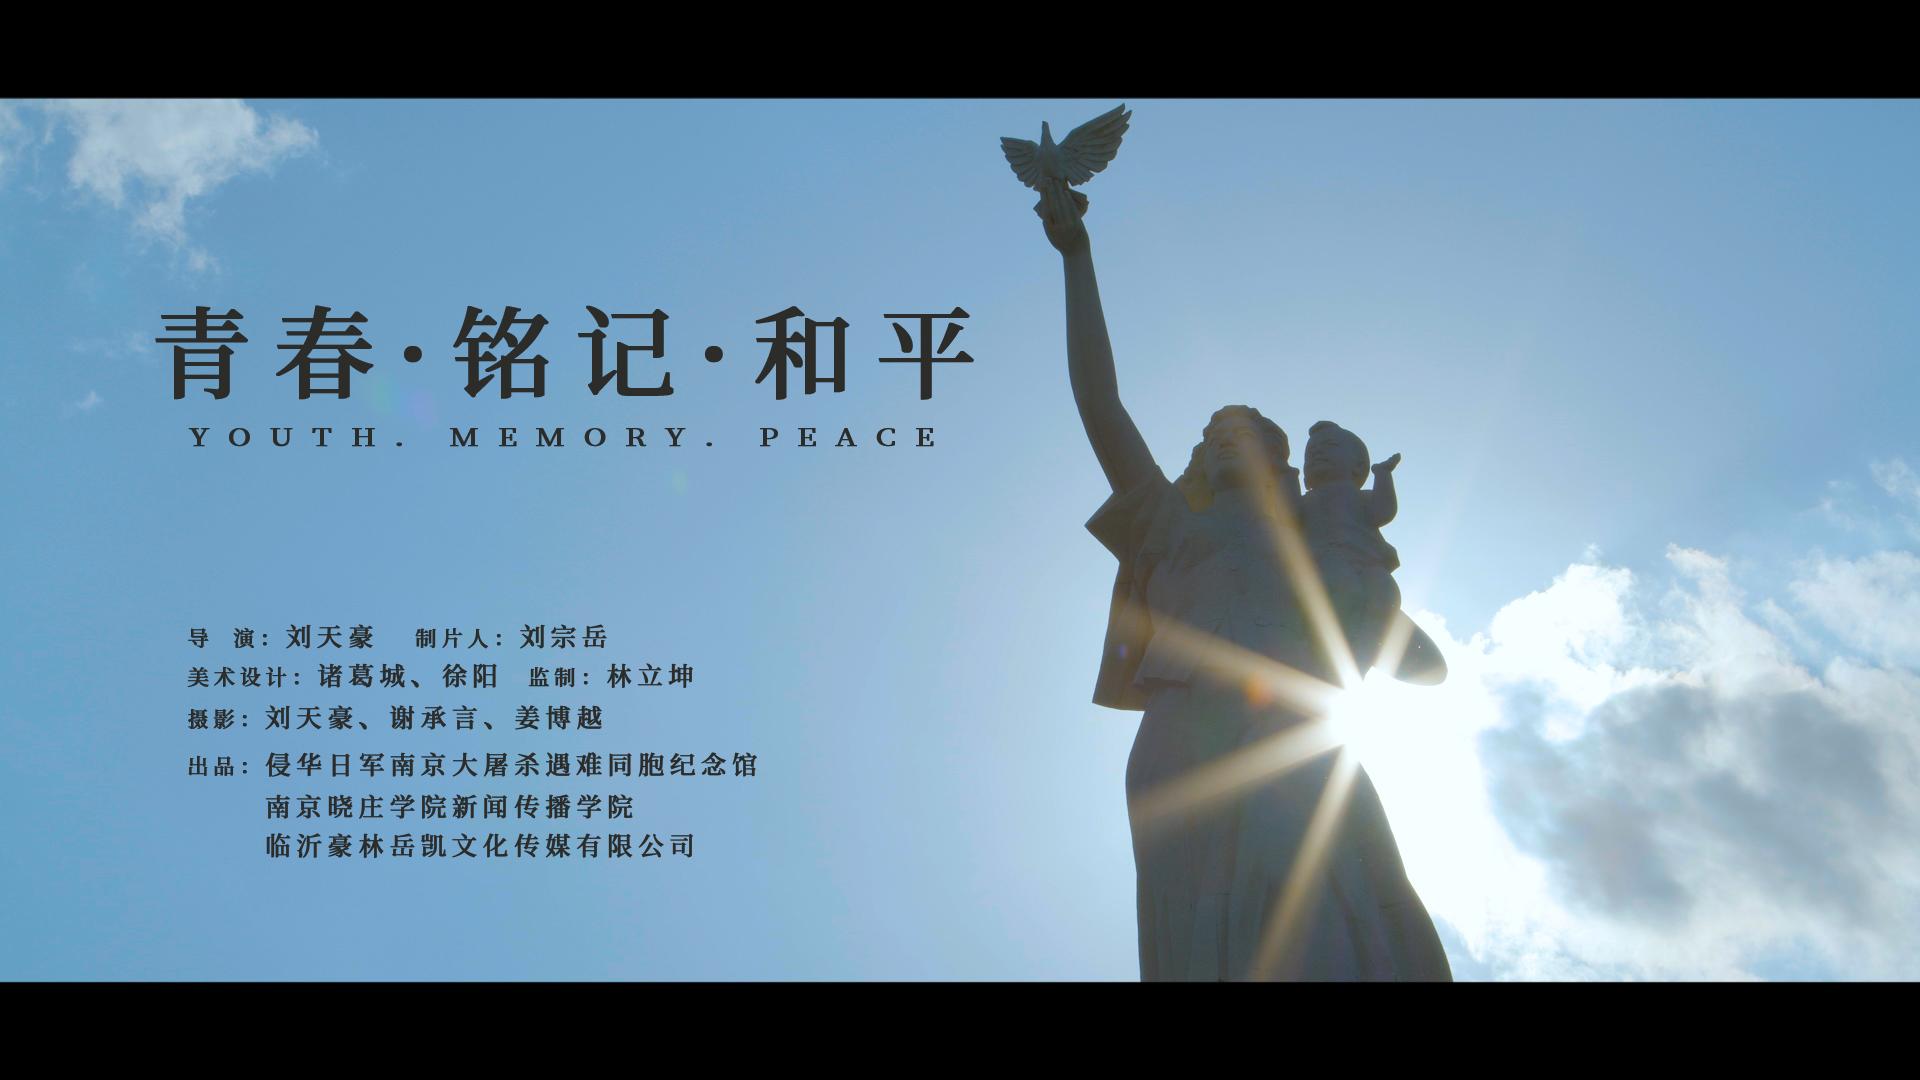 《青春·铭记·和平》